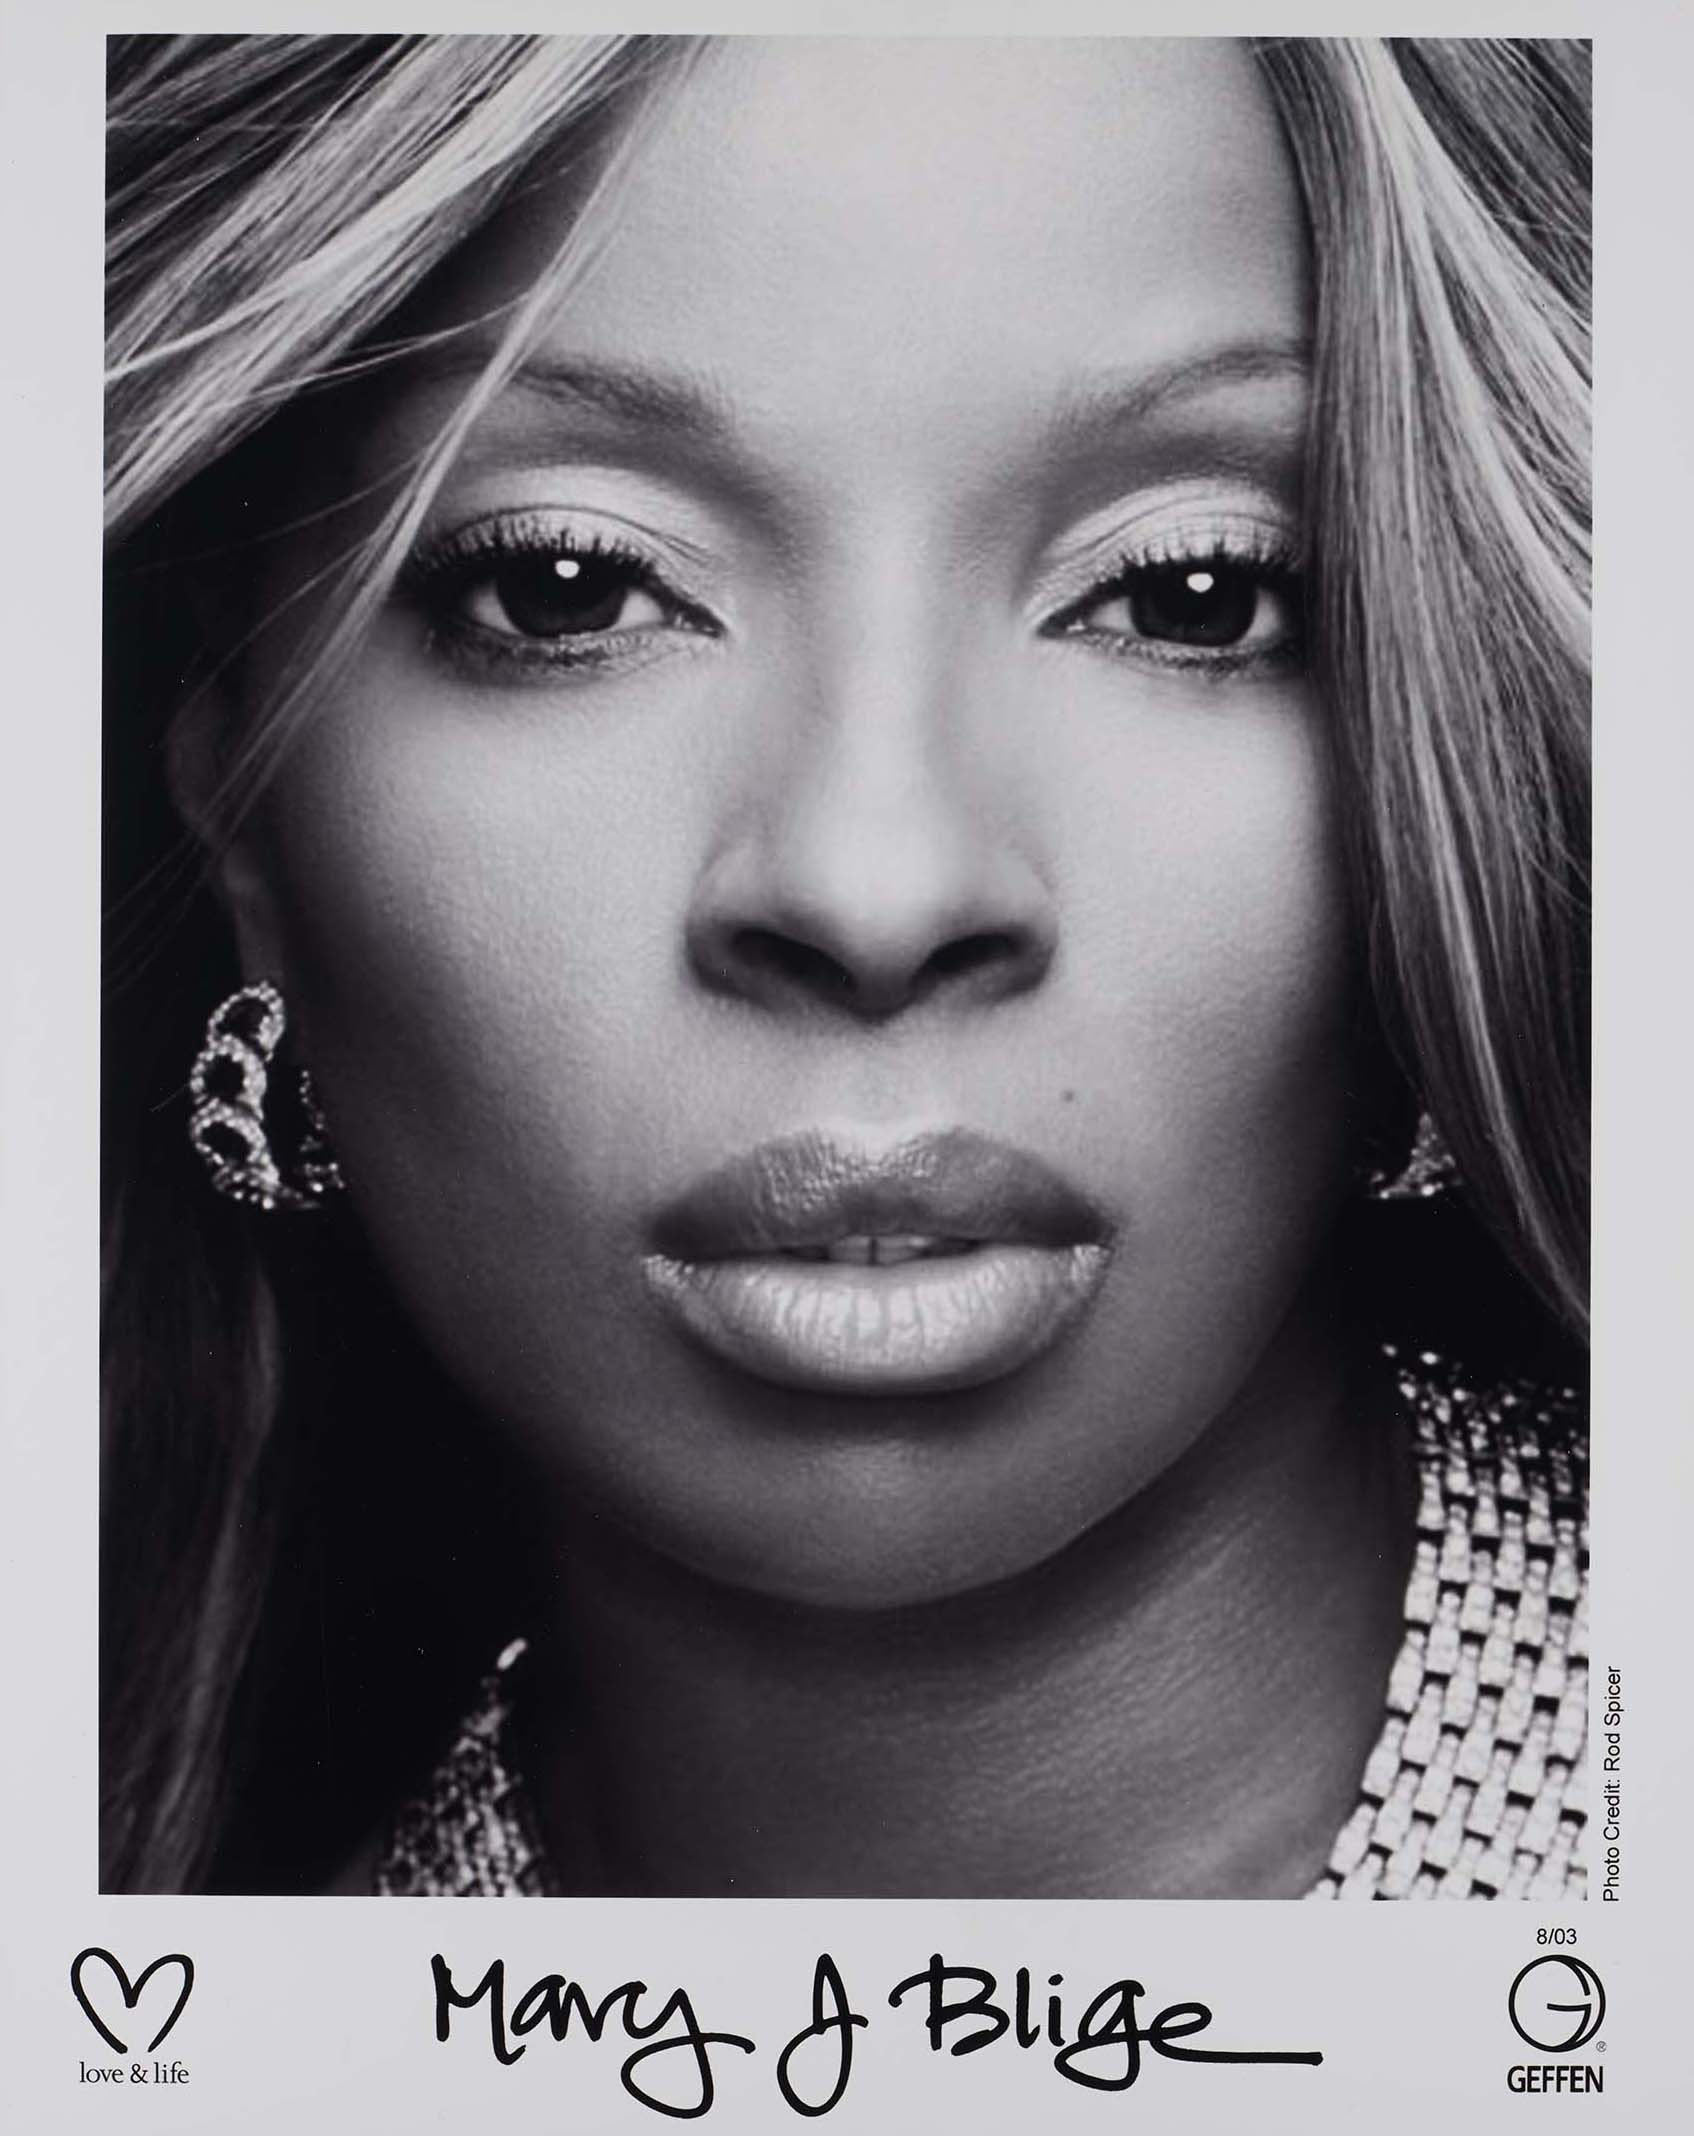 Mary J. Blige promo photo, 2003